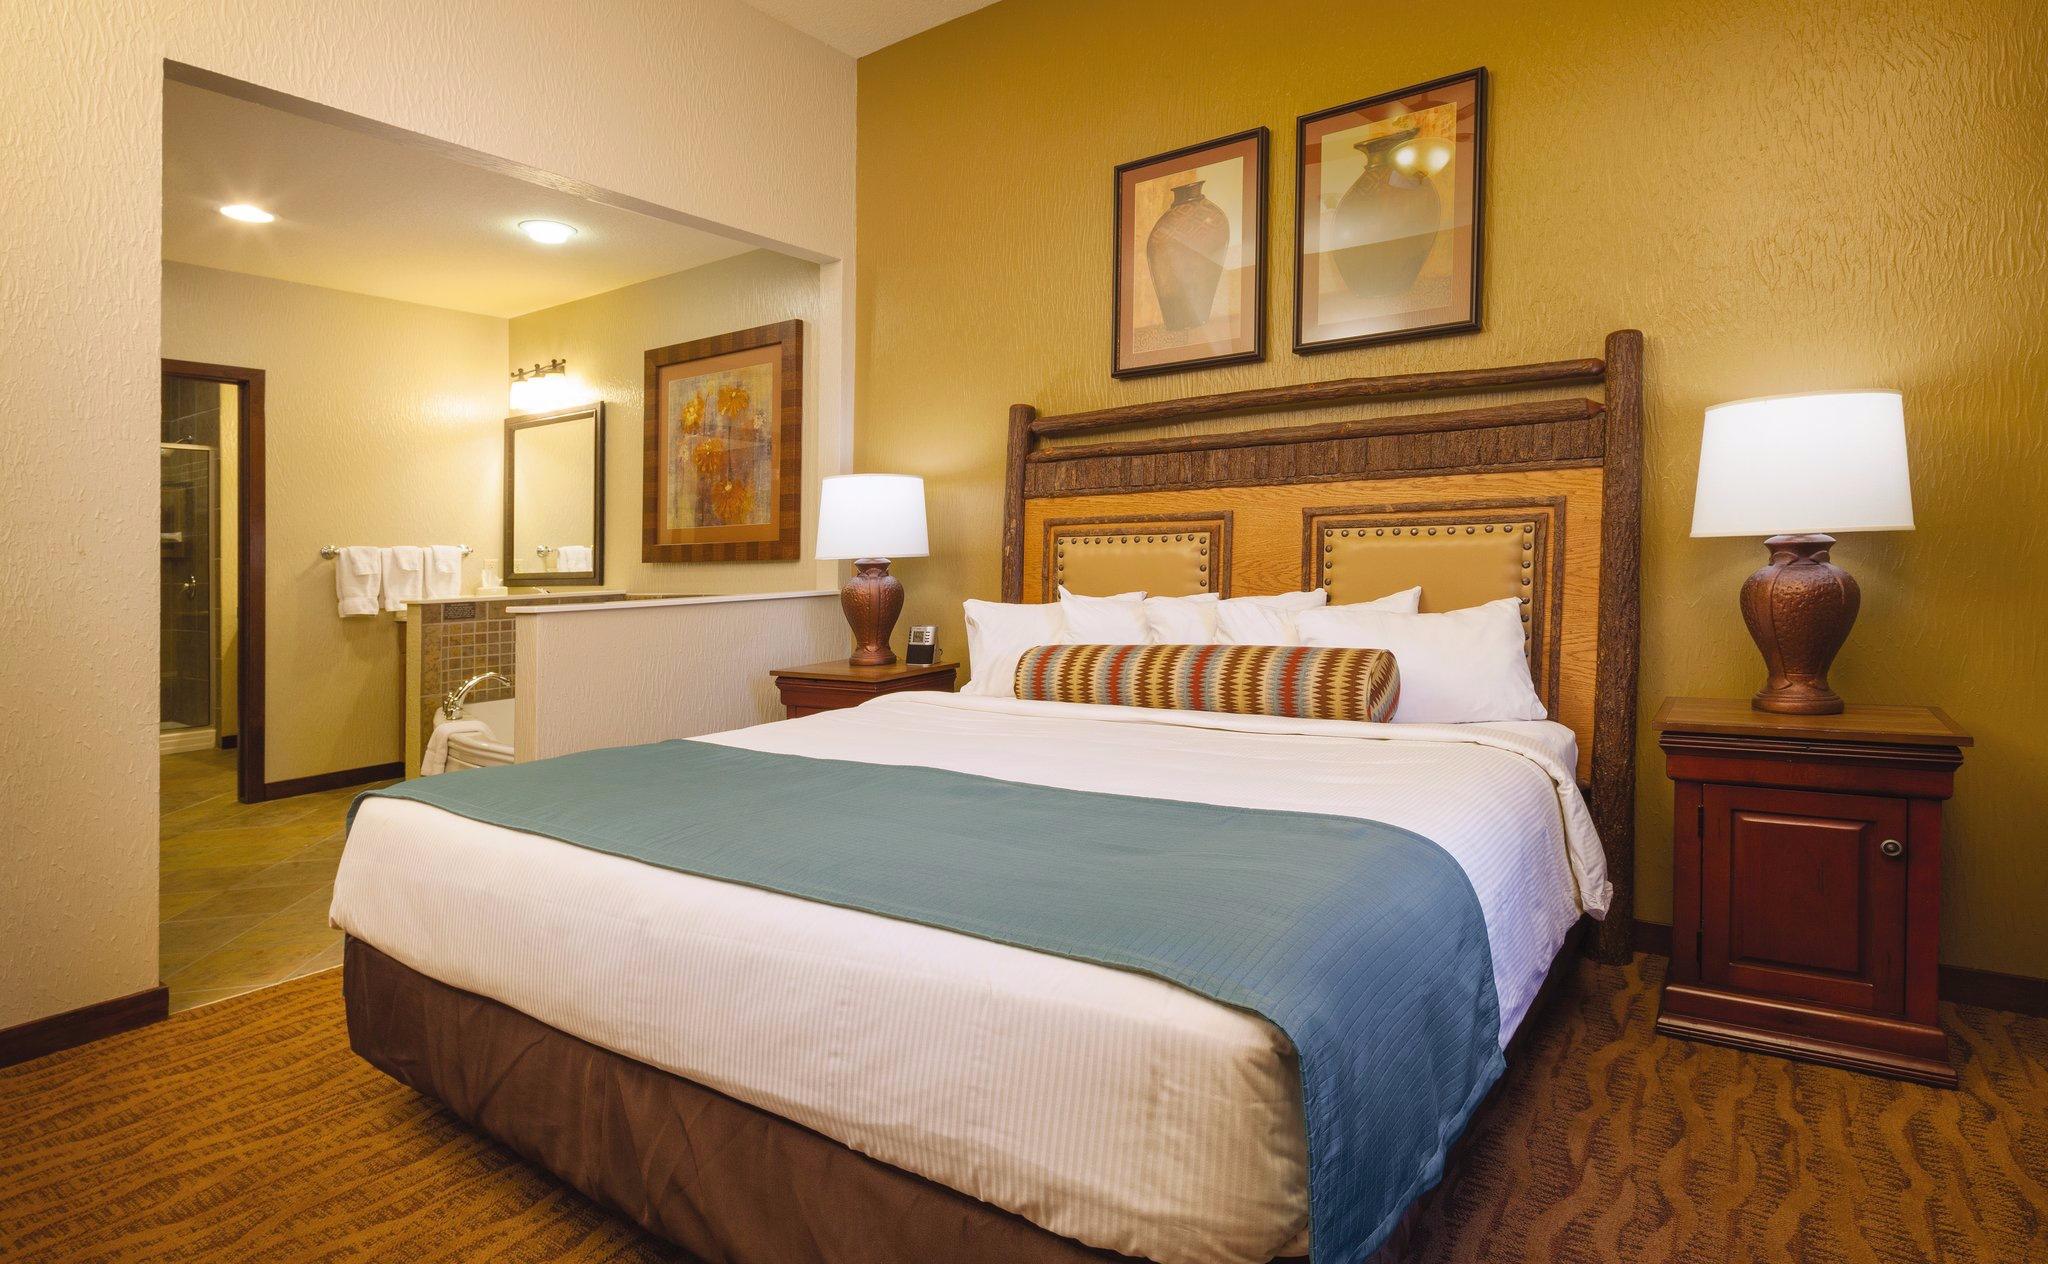 Apartment Glacier Canyon 2 Bedrooms 2 Bathroom photo 20365134